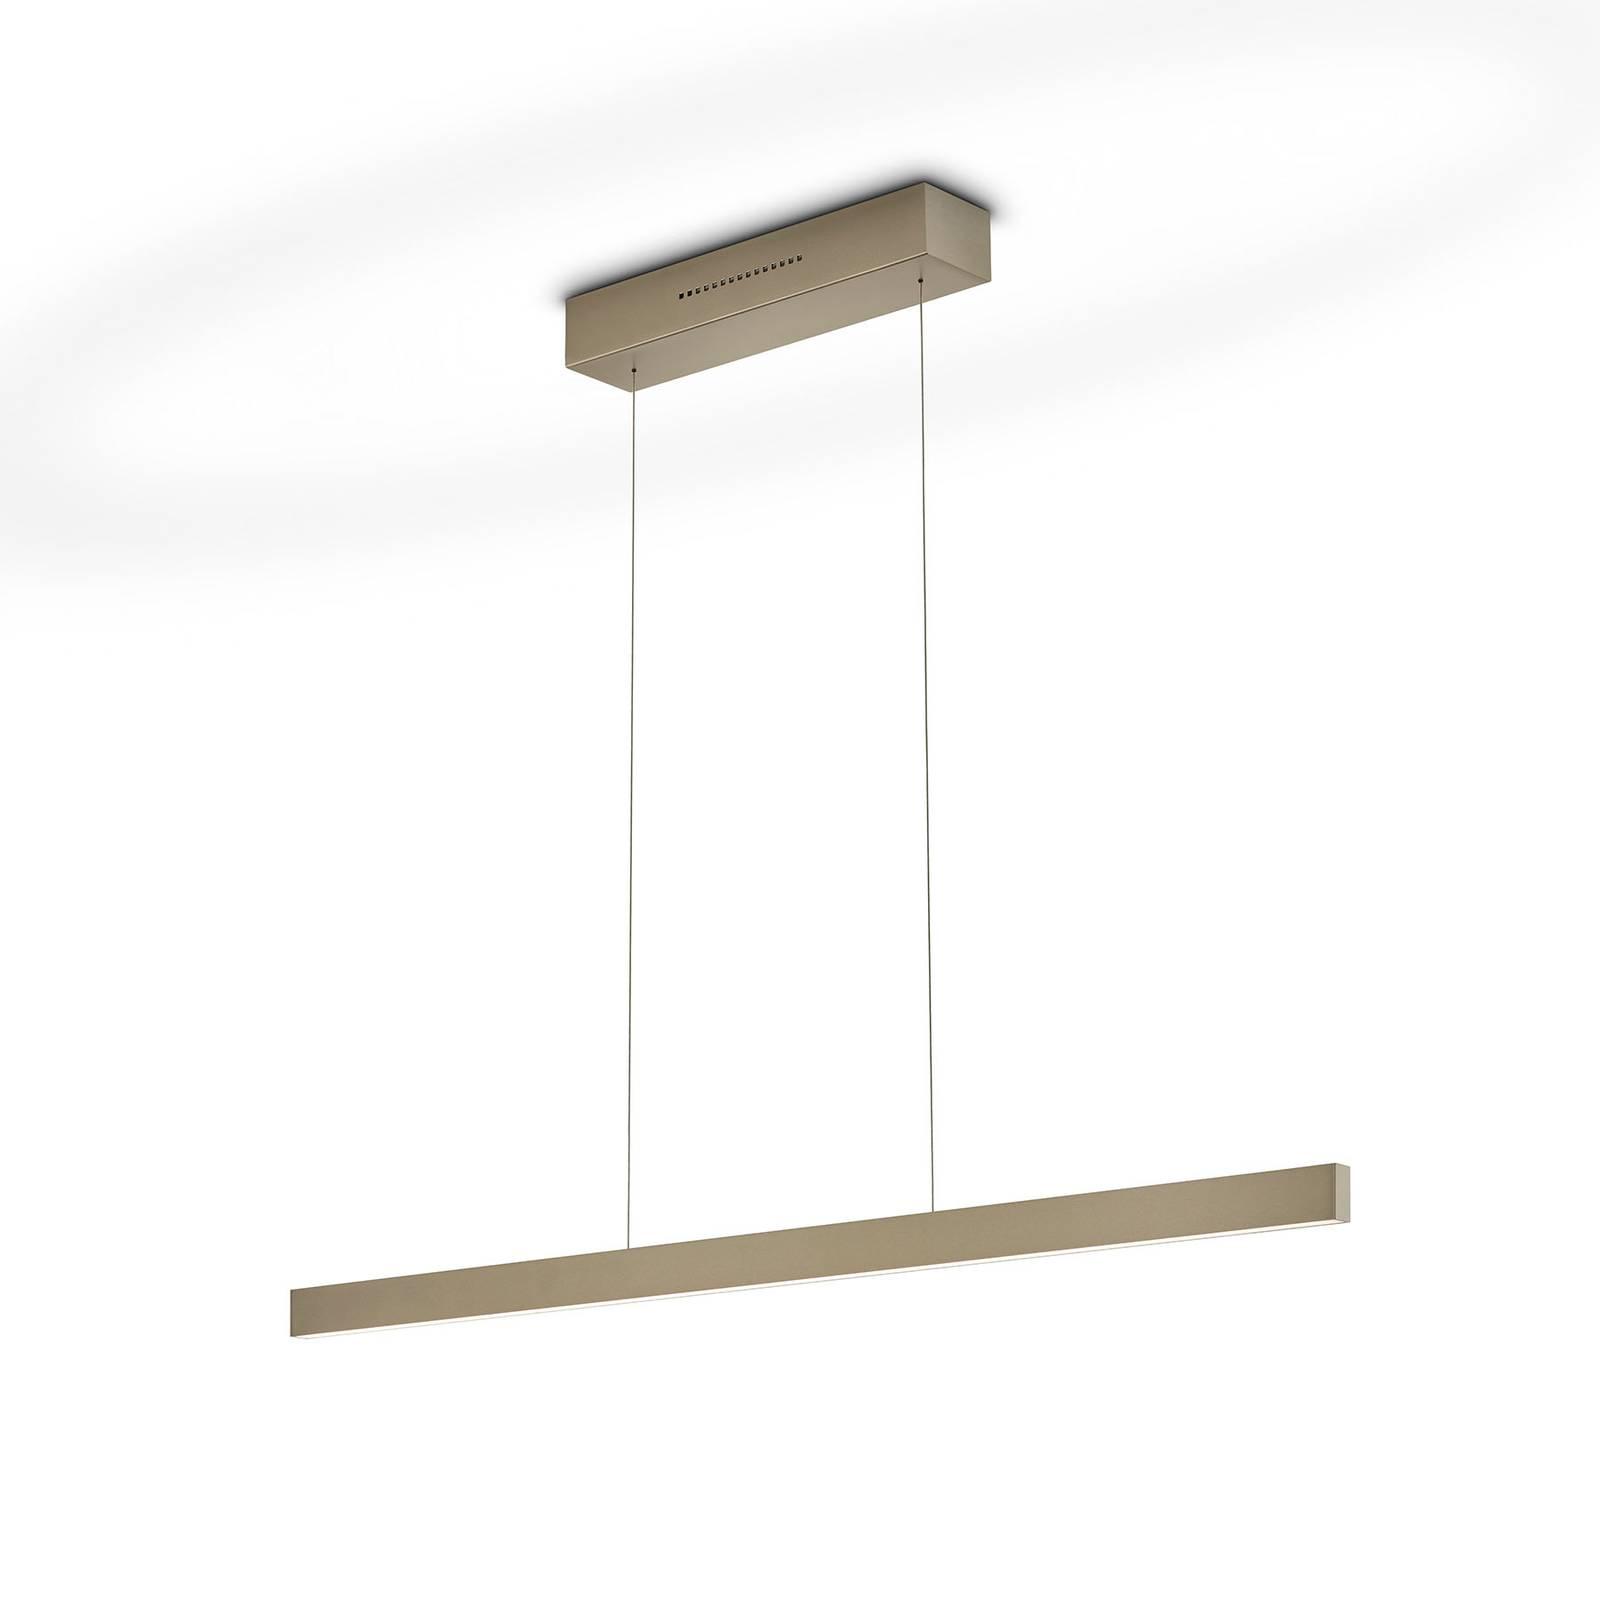 LED-riippuvalaisin Linda-92 bronze 2 200 - 3 000 K